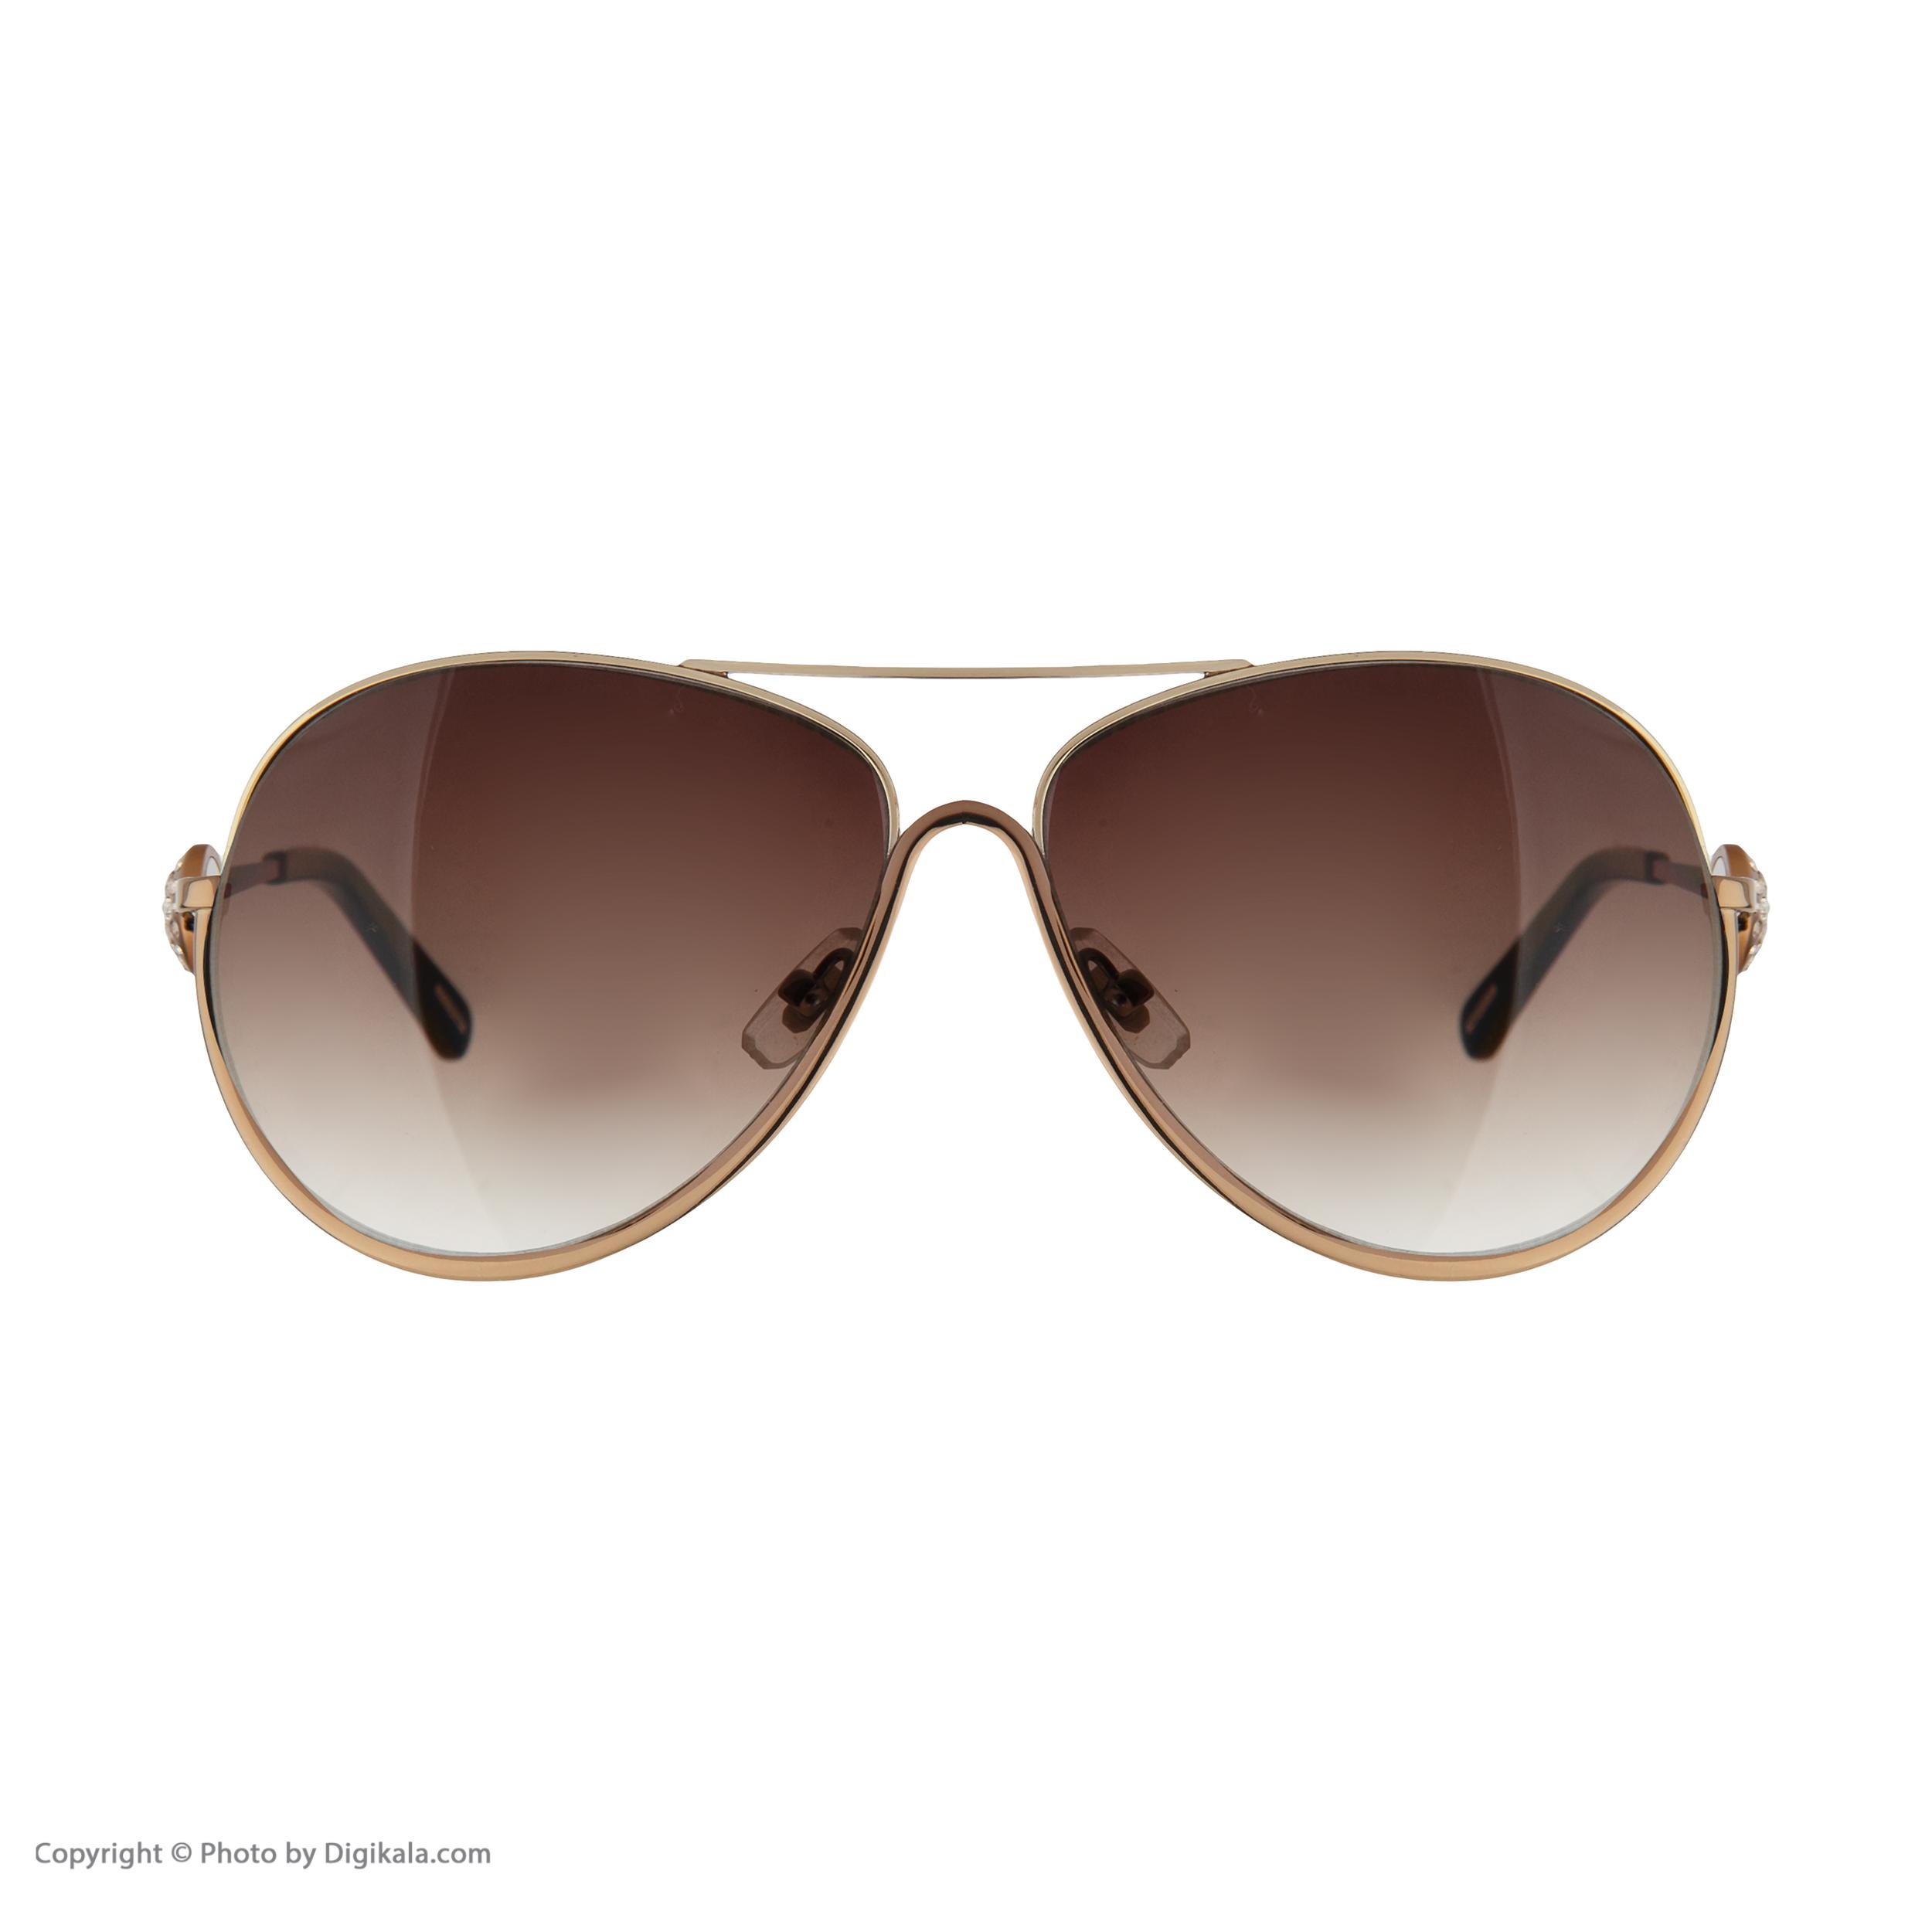 عینک آفتابی زنانه شوپارد مدل 23 -  - 4